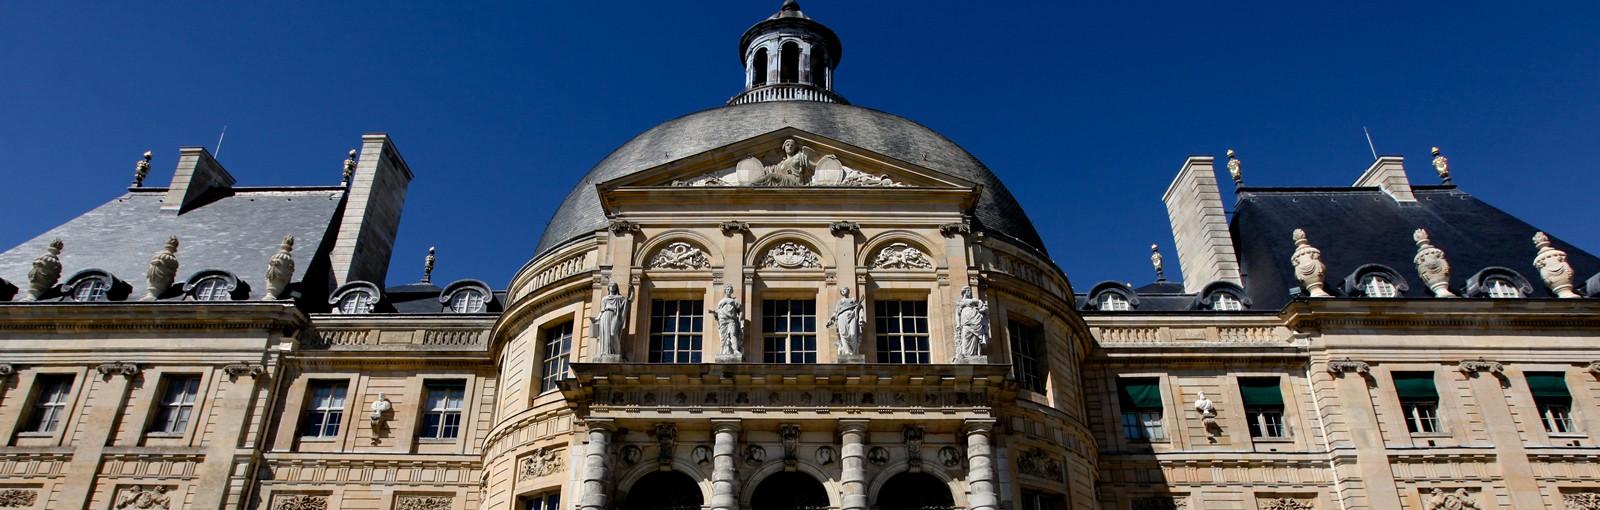 Tours Vaux-le-Vicomte - Demi-journées - Excursions au départ de Paris